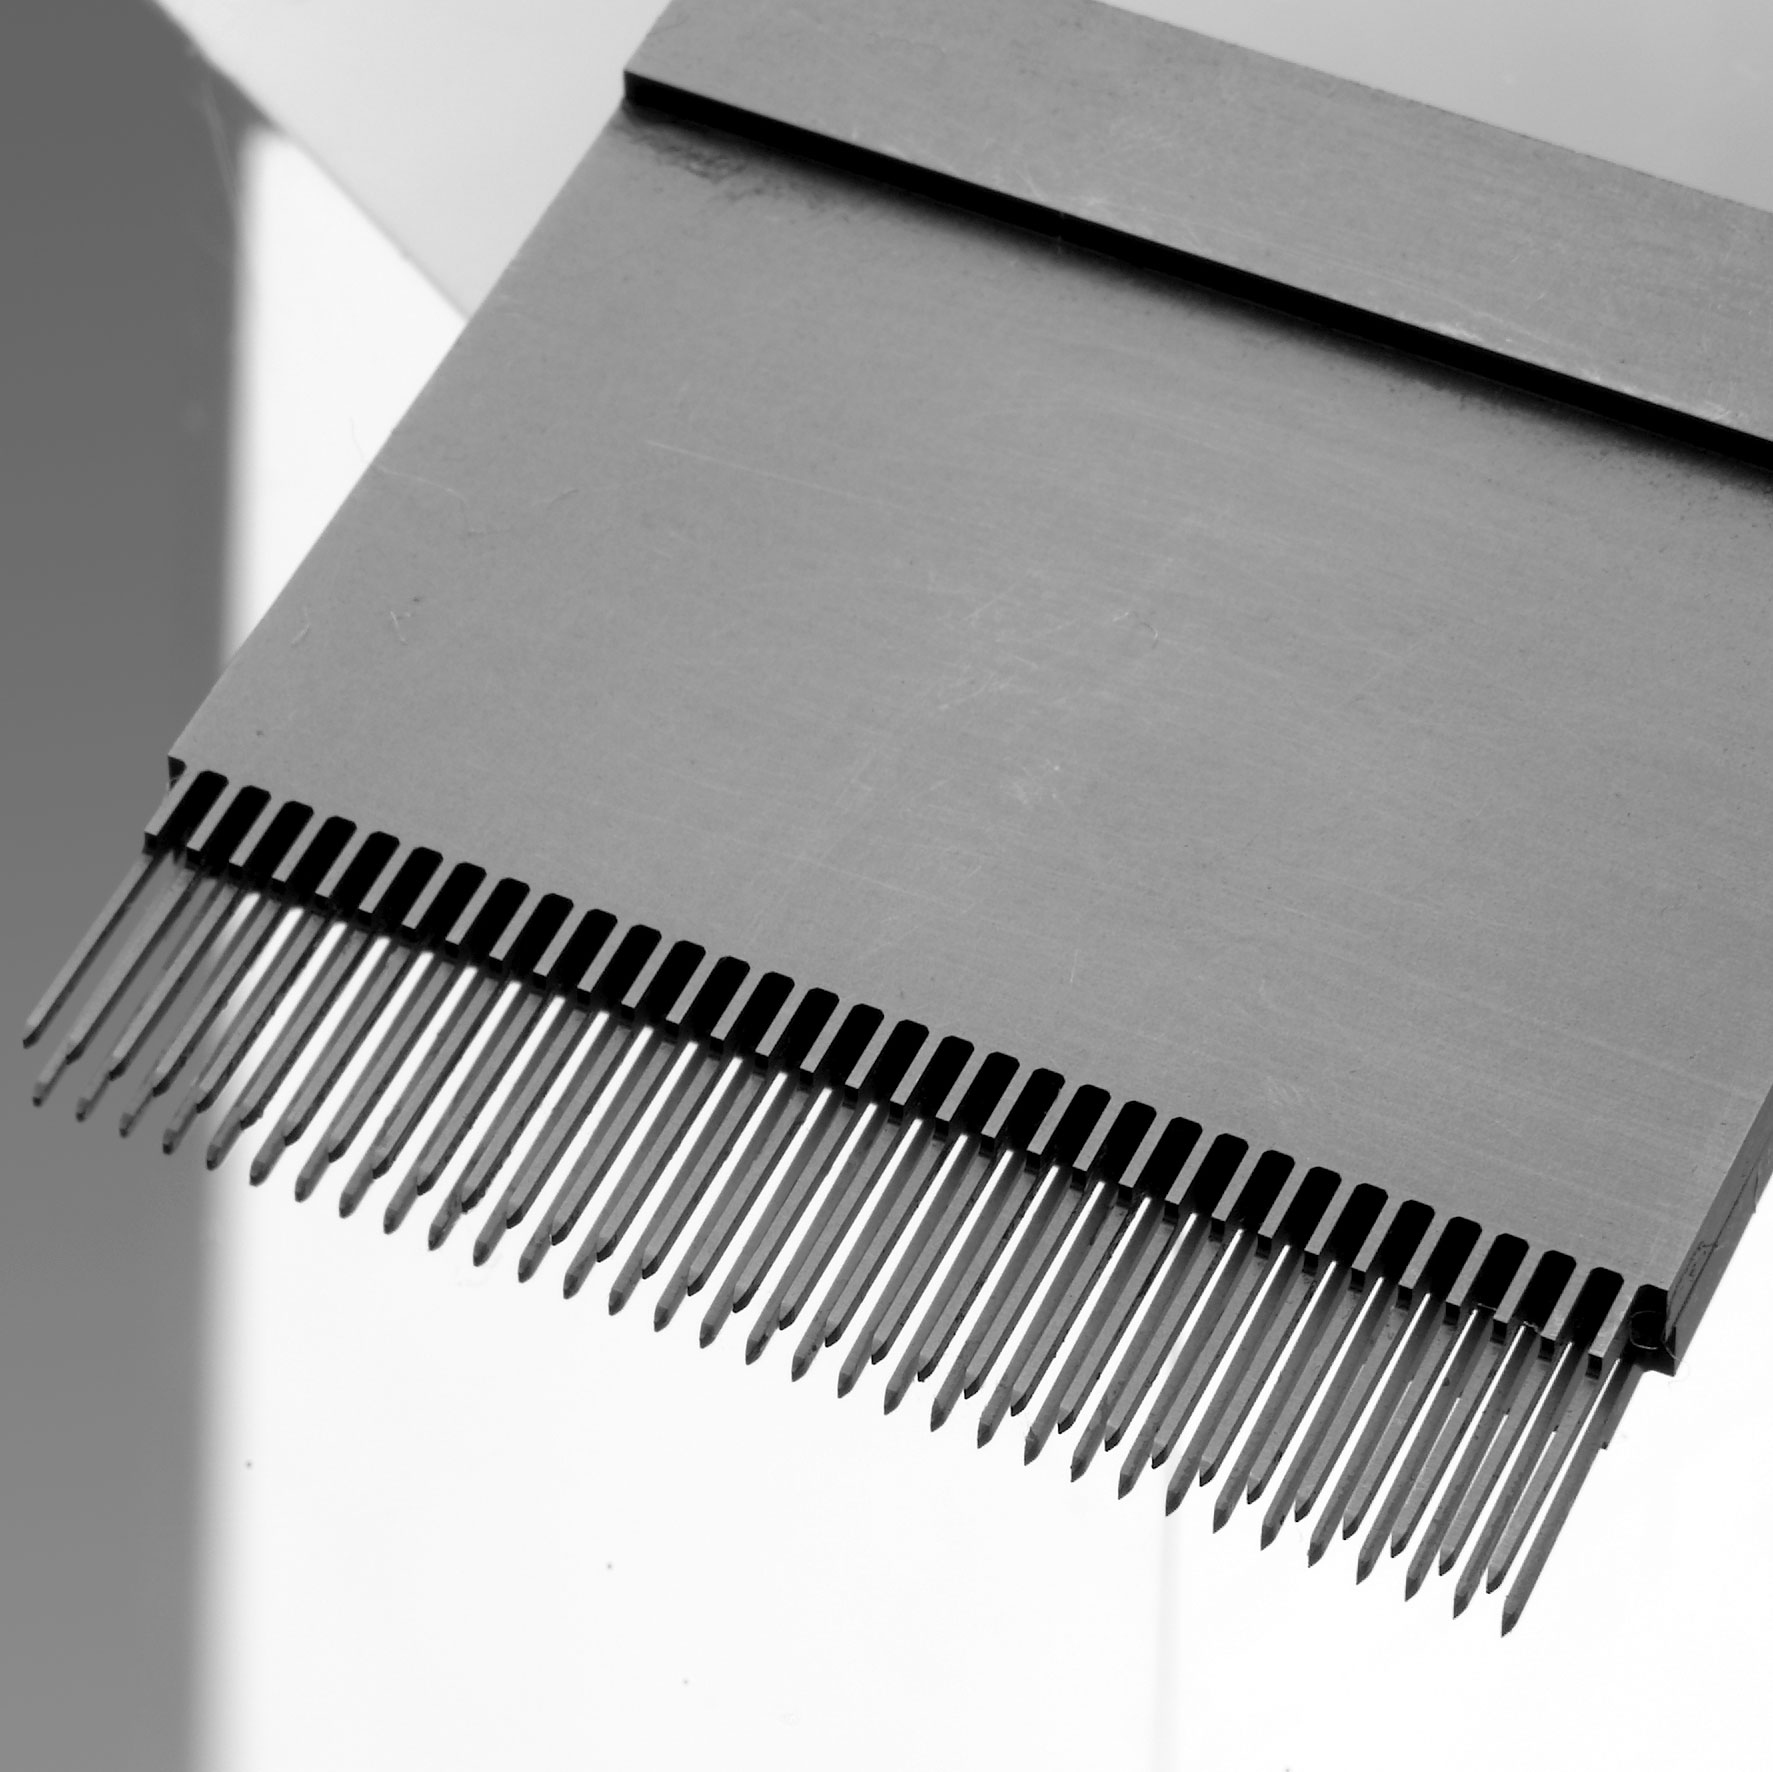 электроискровая проволочно-вырезная обработка станке Sodick